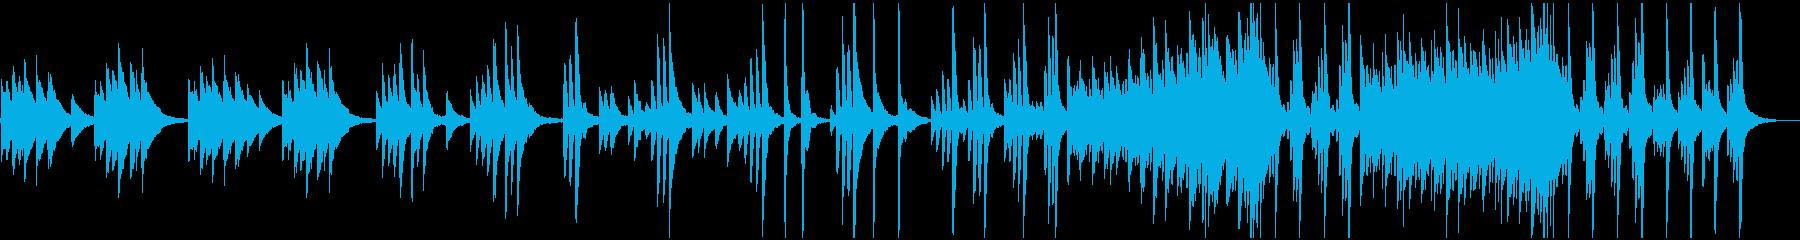 ノスタルジックなピアノのBGMの再生済みの波形